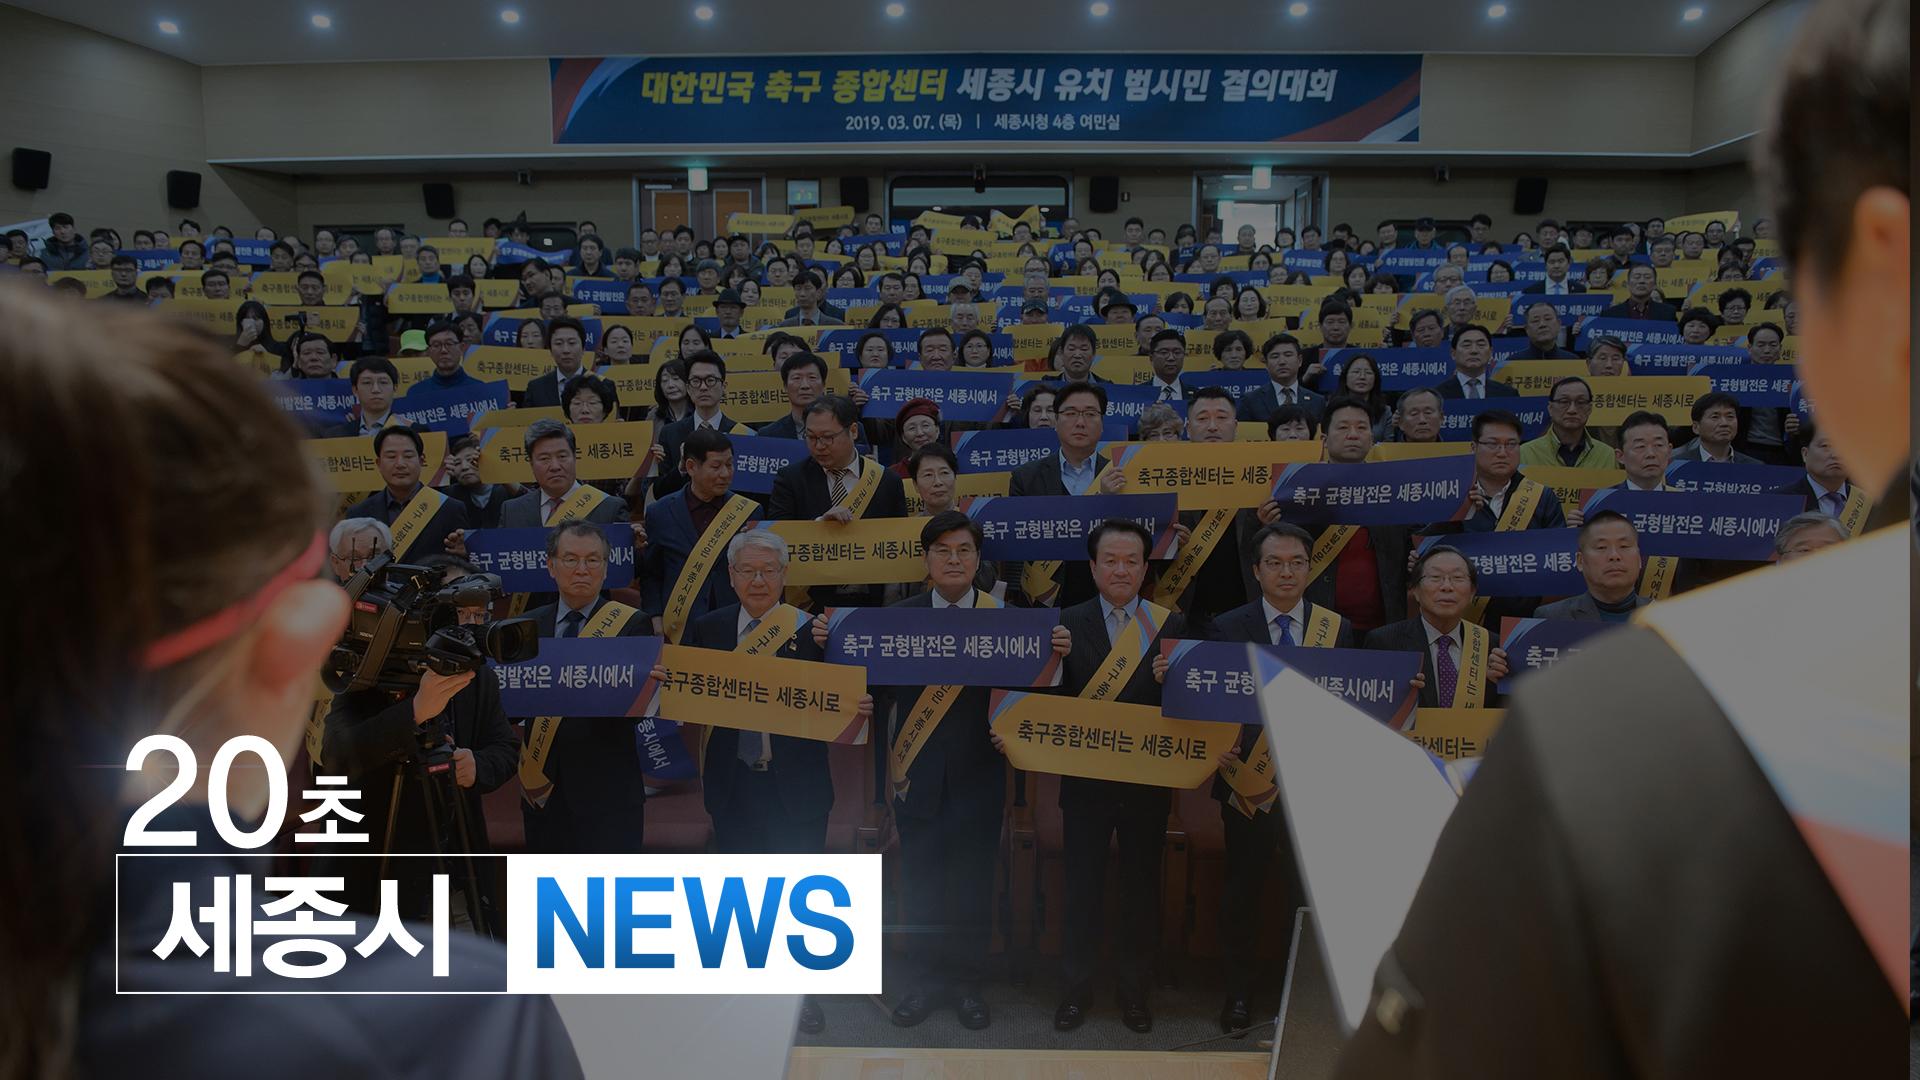 <20초뉴스> 대한민국 축구종합센터 유치 총력전 벌인다